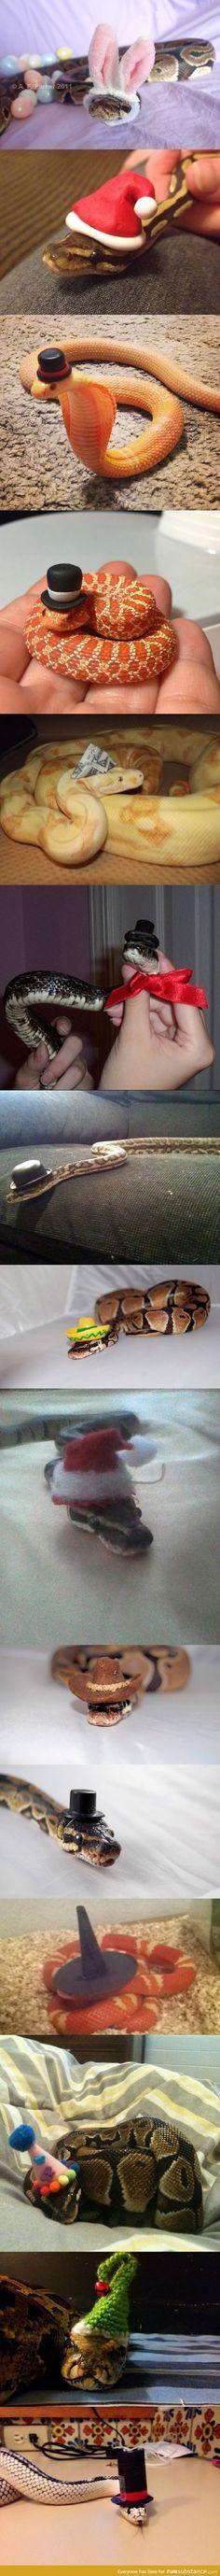 Tiny snake heads in tiny hats help ♡